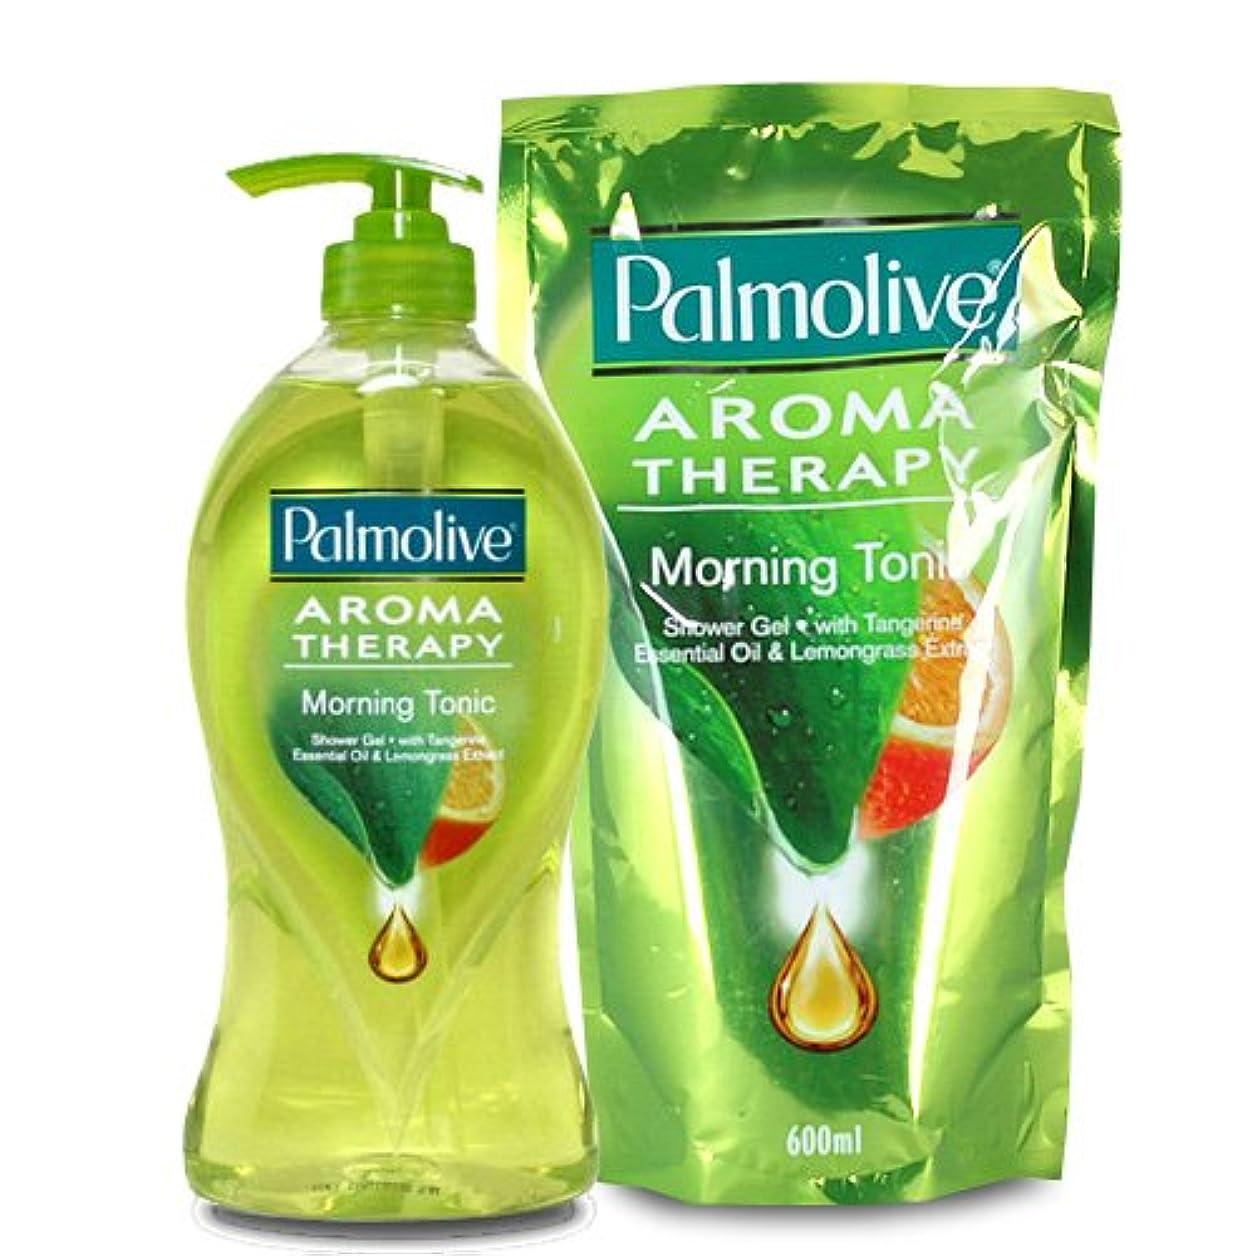 柔らかさディレクトリ簡単な【Palmolive】パルモリーブ アロマセラピーシャワージェル ボトルと詰め替えのセット (モーニングトニック)